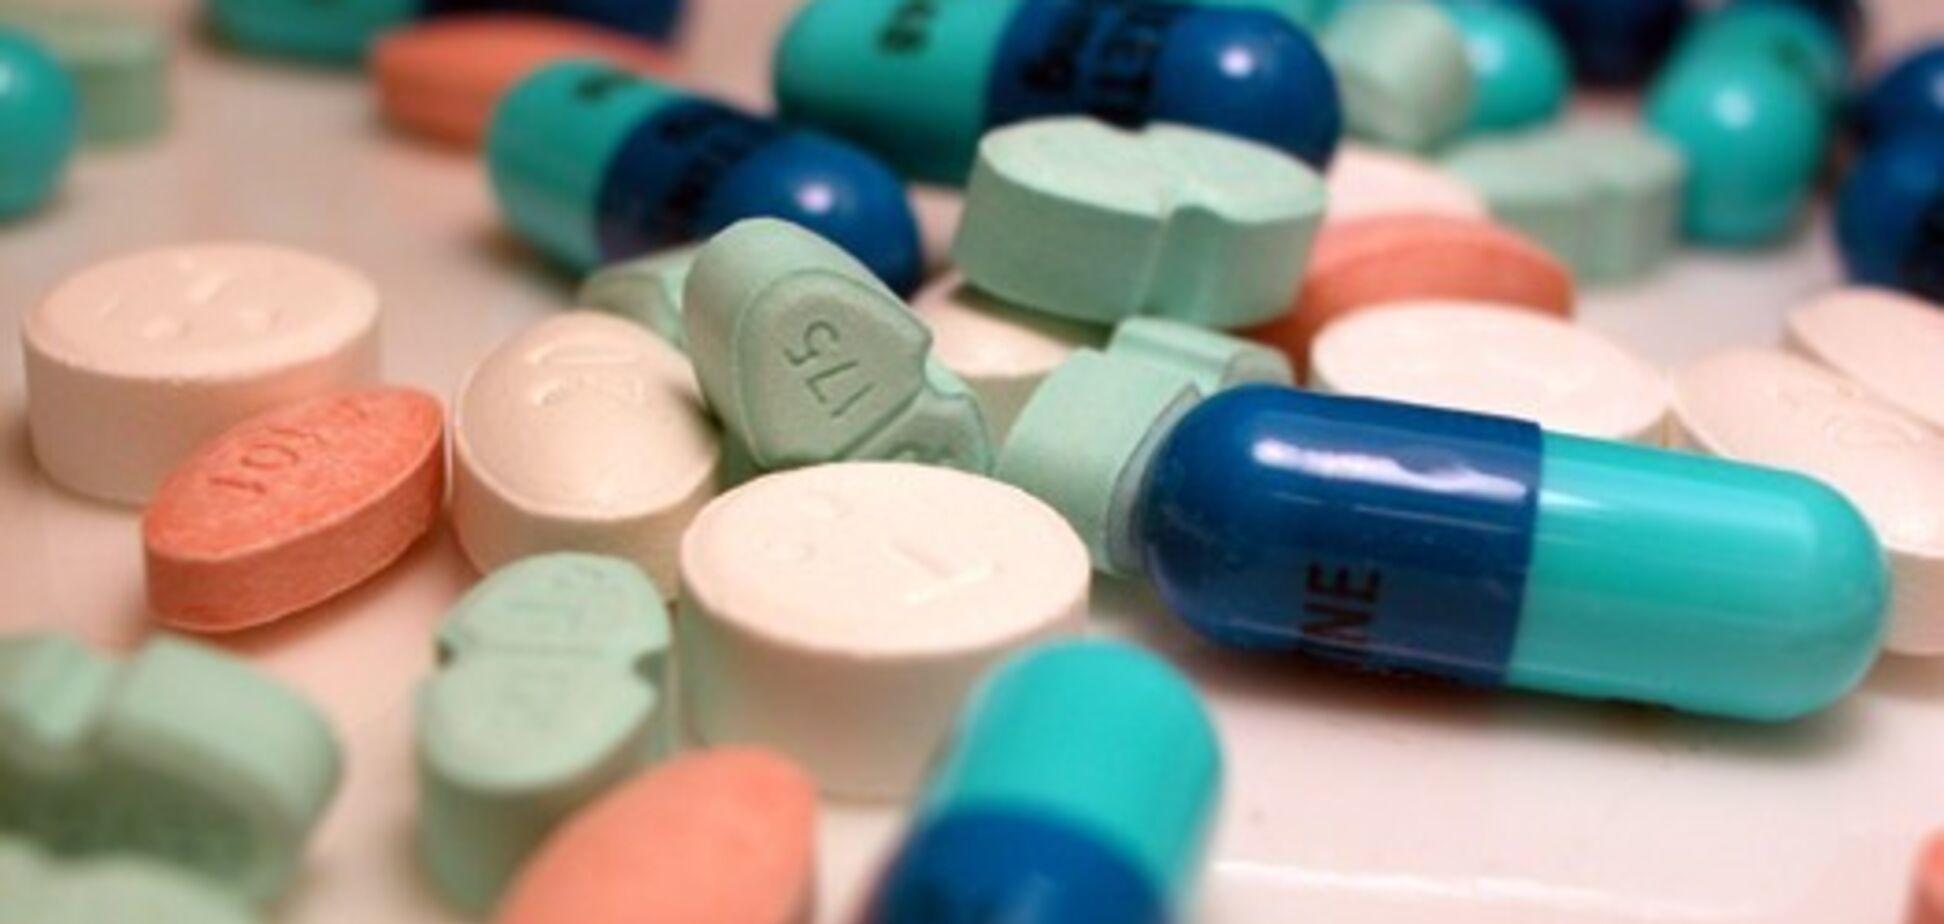 Де безкоштовно отримати ліки в Дніпрі: з'явилася онлайн-карта аптек